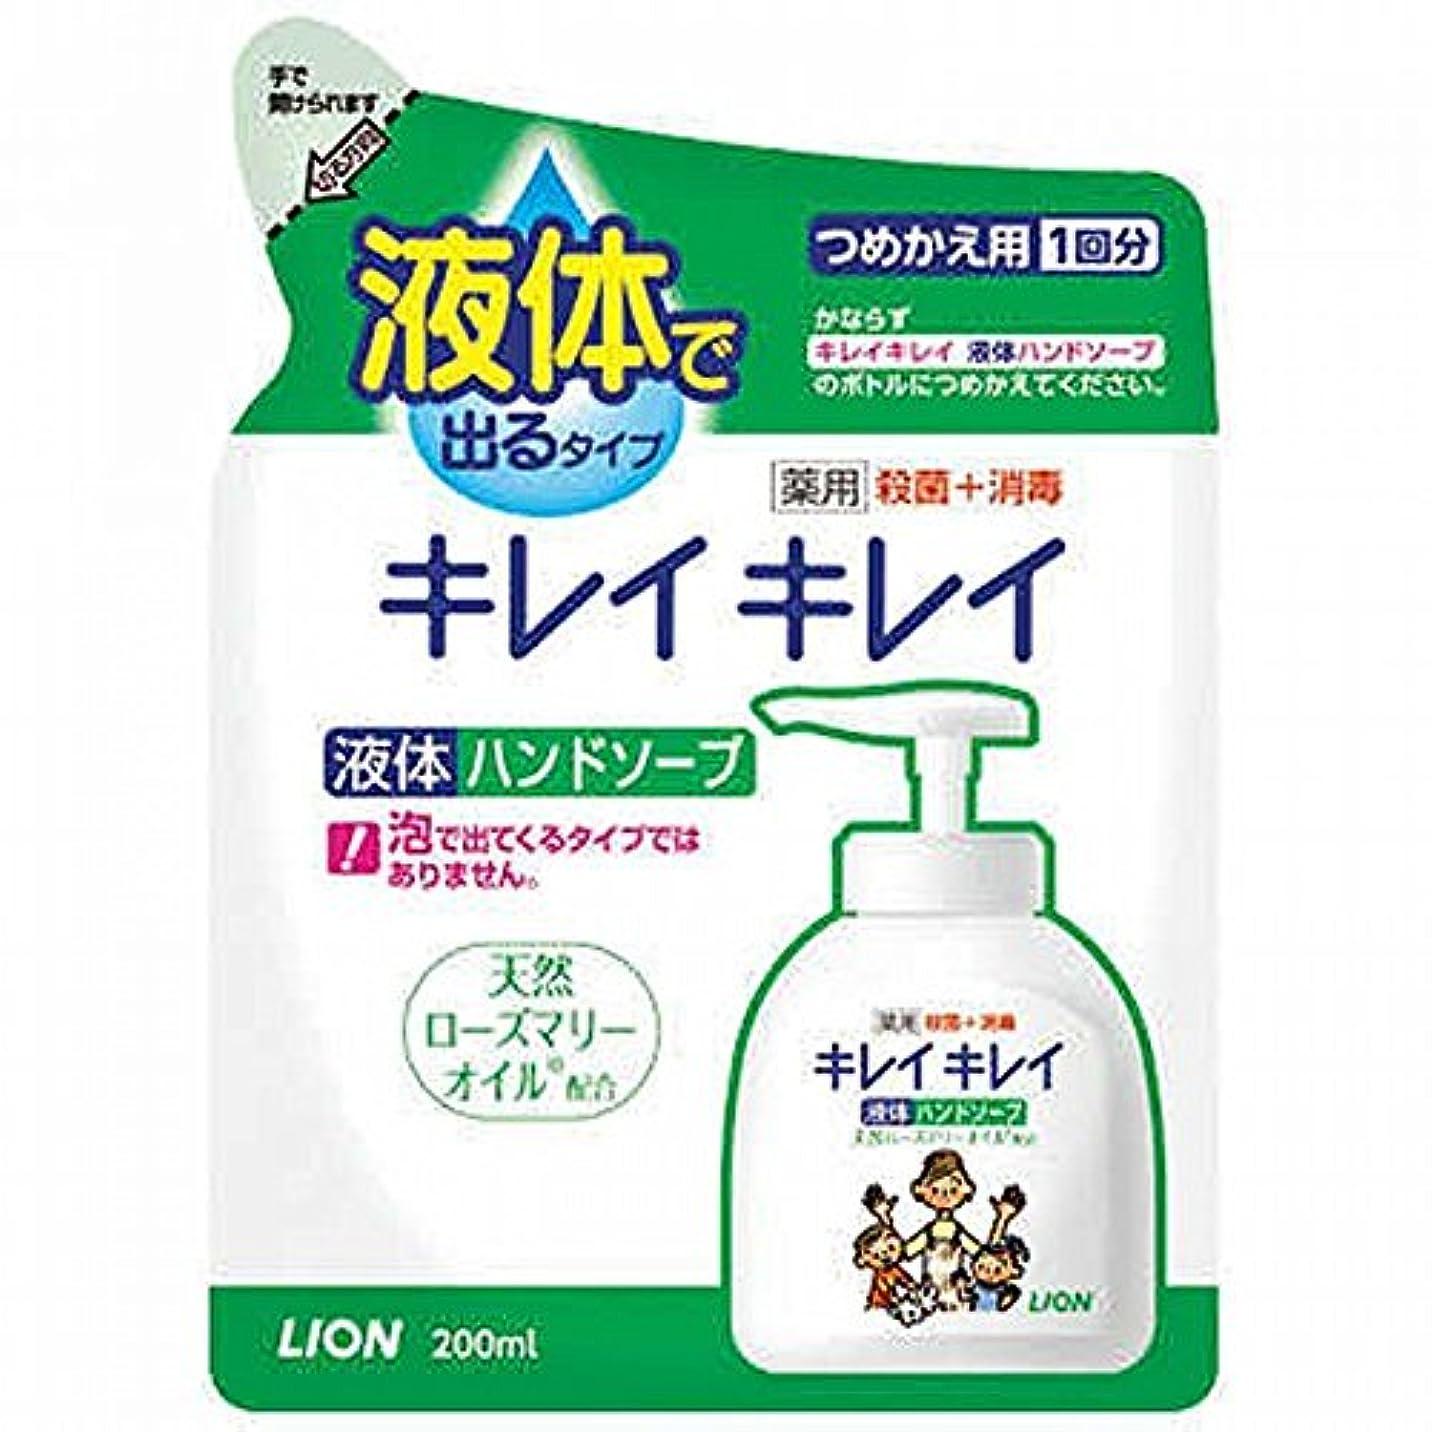 マザーランド批判的レインコートキレイキレイ 薬用液体ハンドソープ  詰替用 200ml ×20個セット